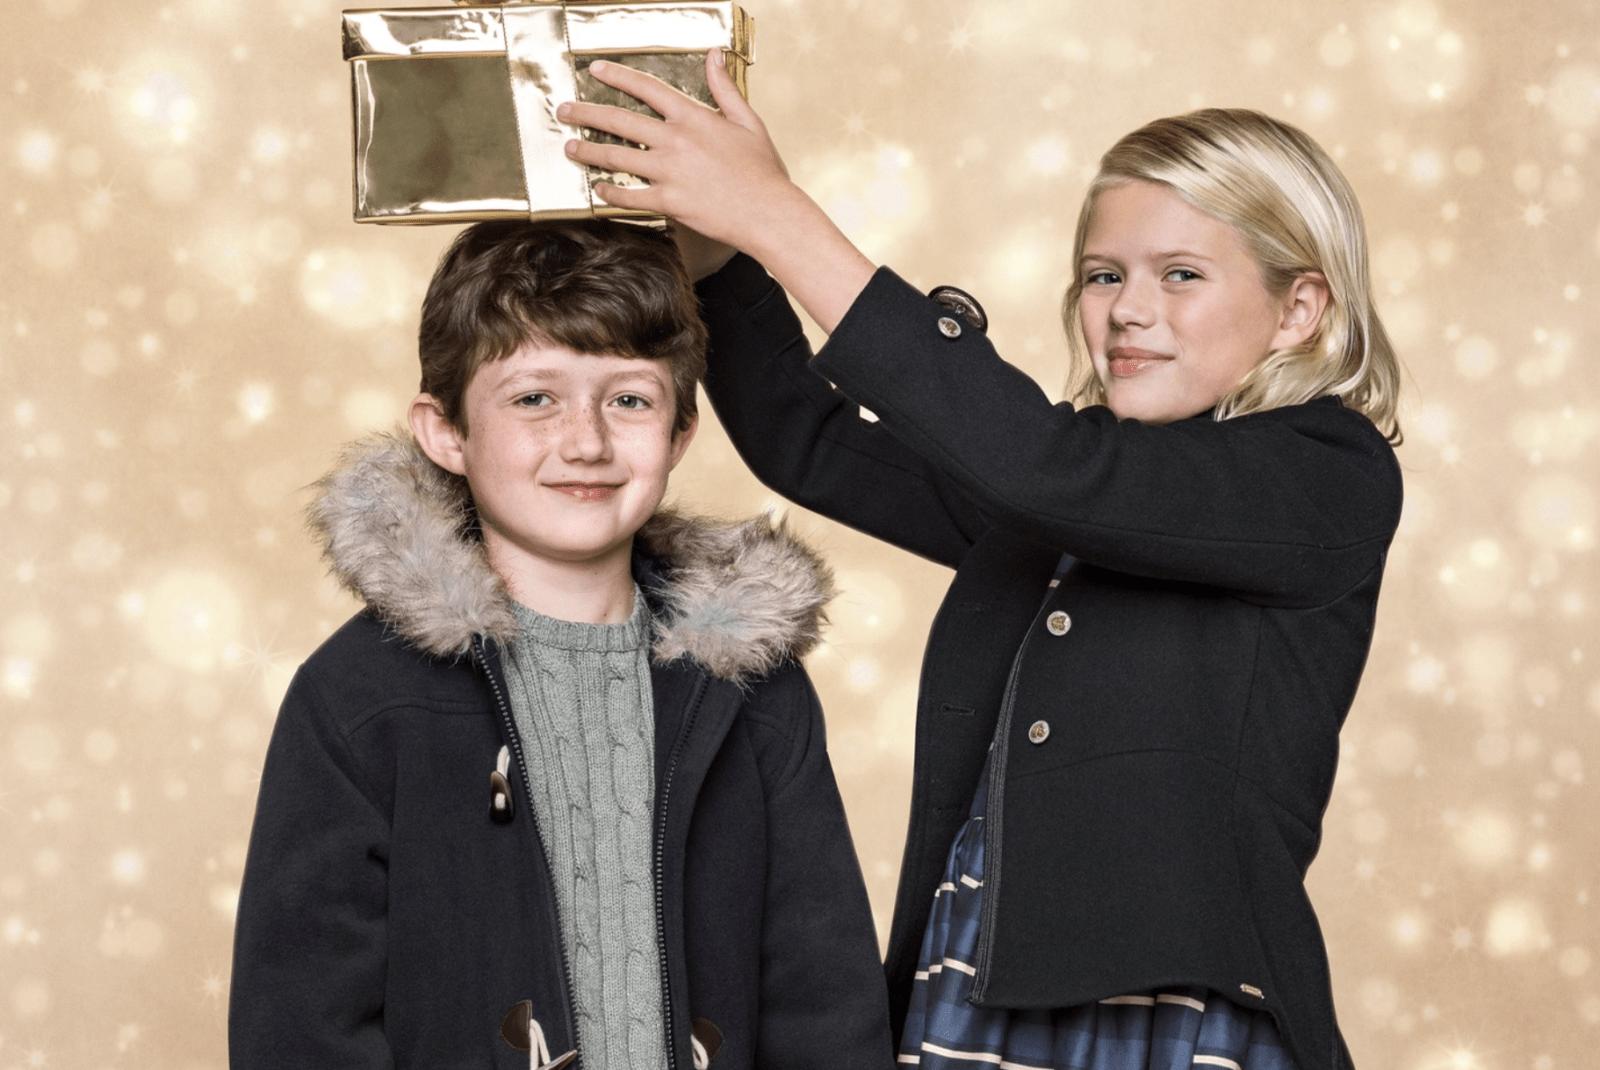 Regali di Natale: le migliori scelte per i bambini sono online